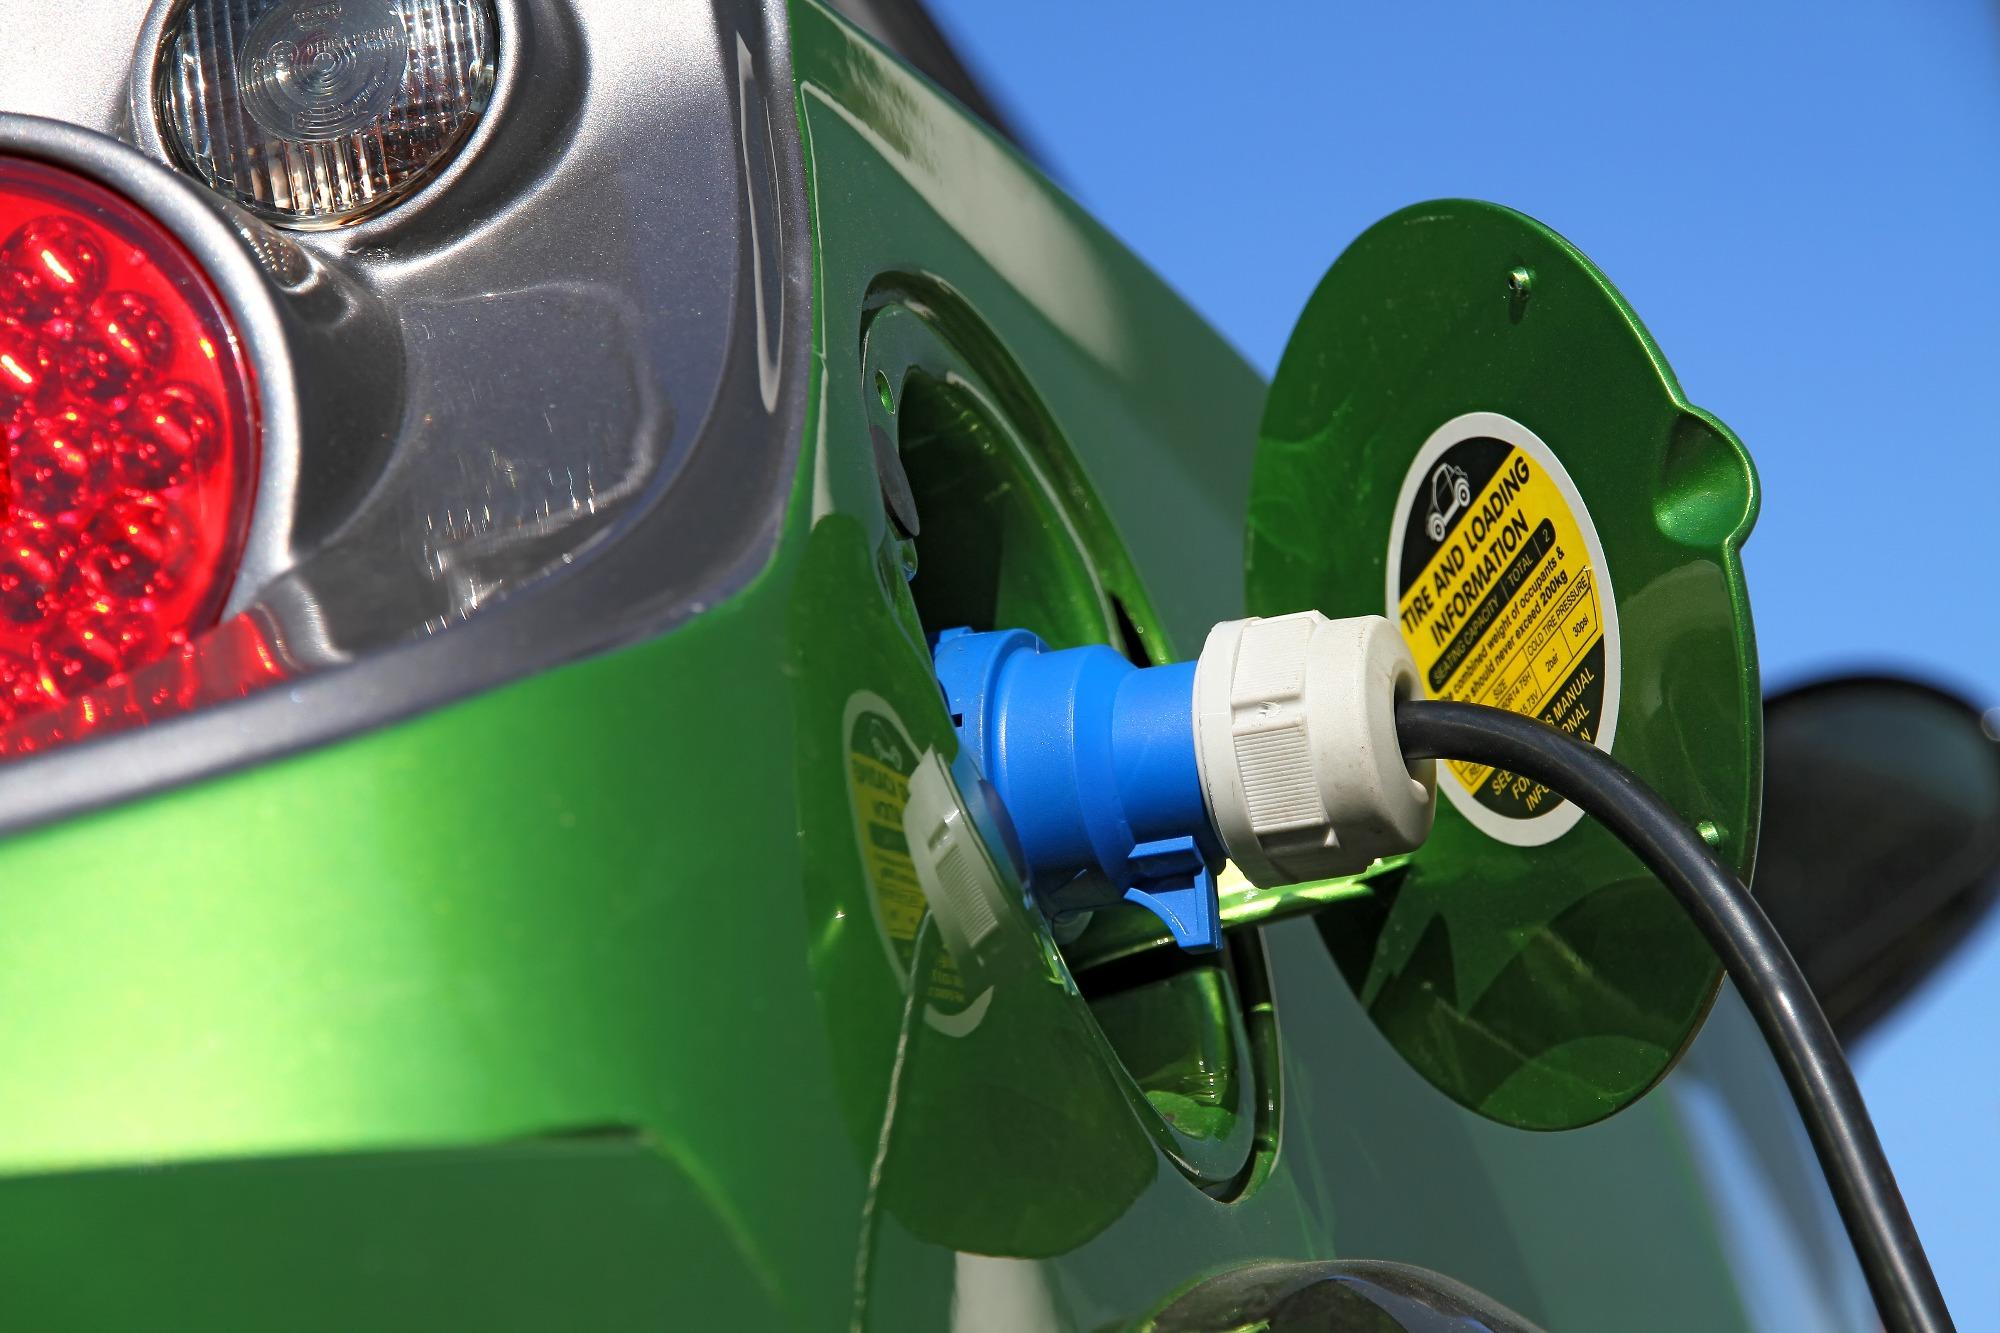 Primeira demonstração de veículos elétricos é realizada na Dinamarca